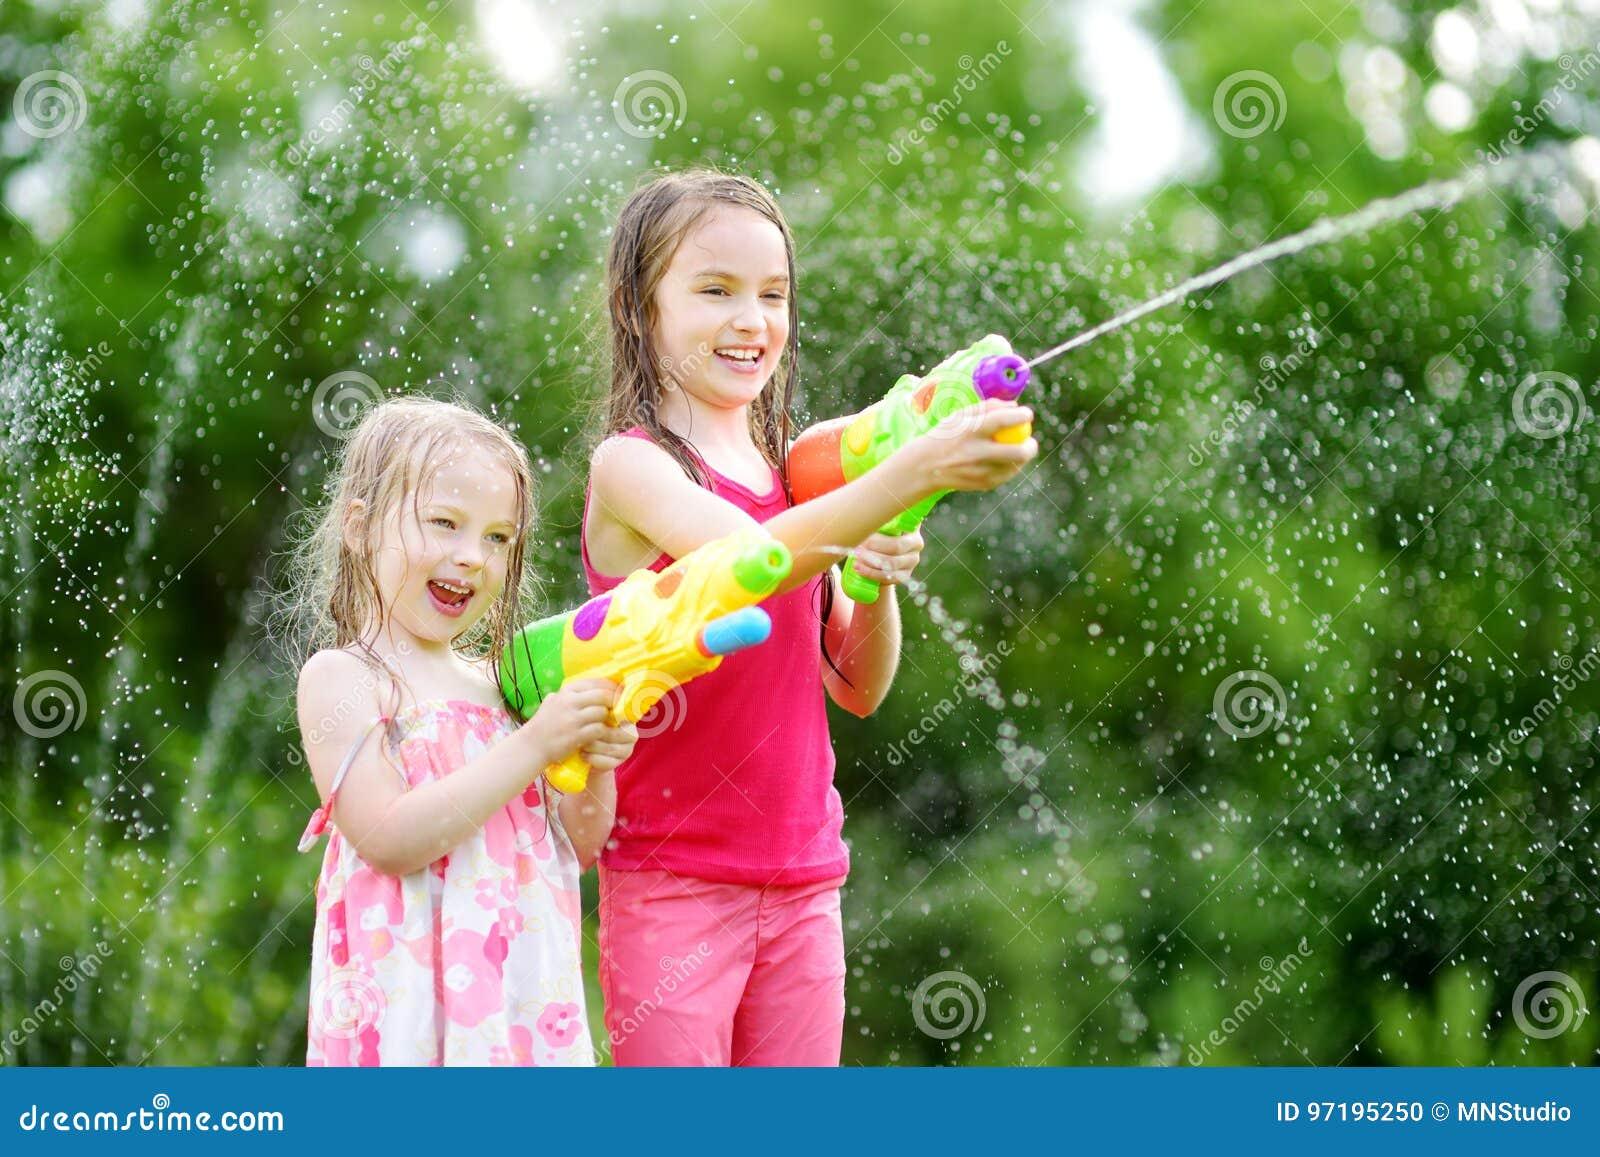 Niñas adorables que juegan con los armas de agua en día de verano caliente Niños lindos que se divierten con agua al aire libre